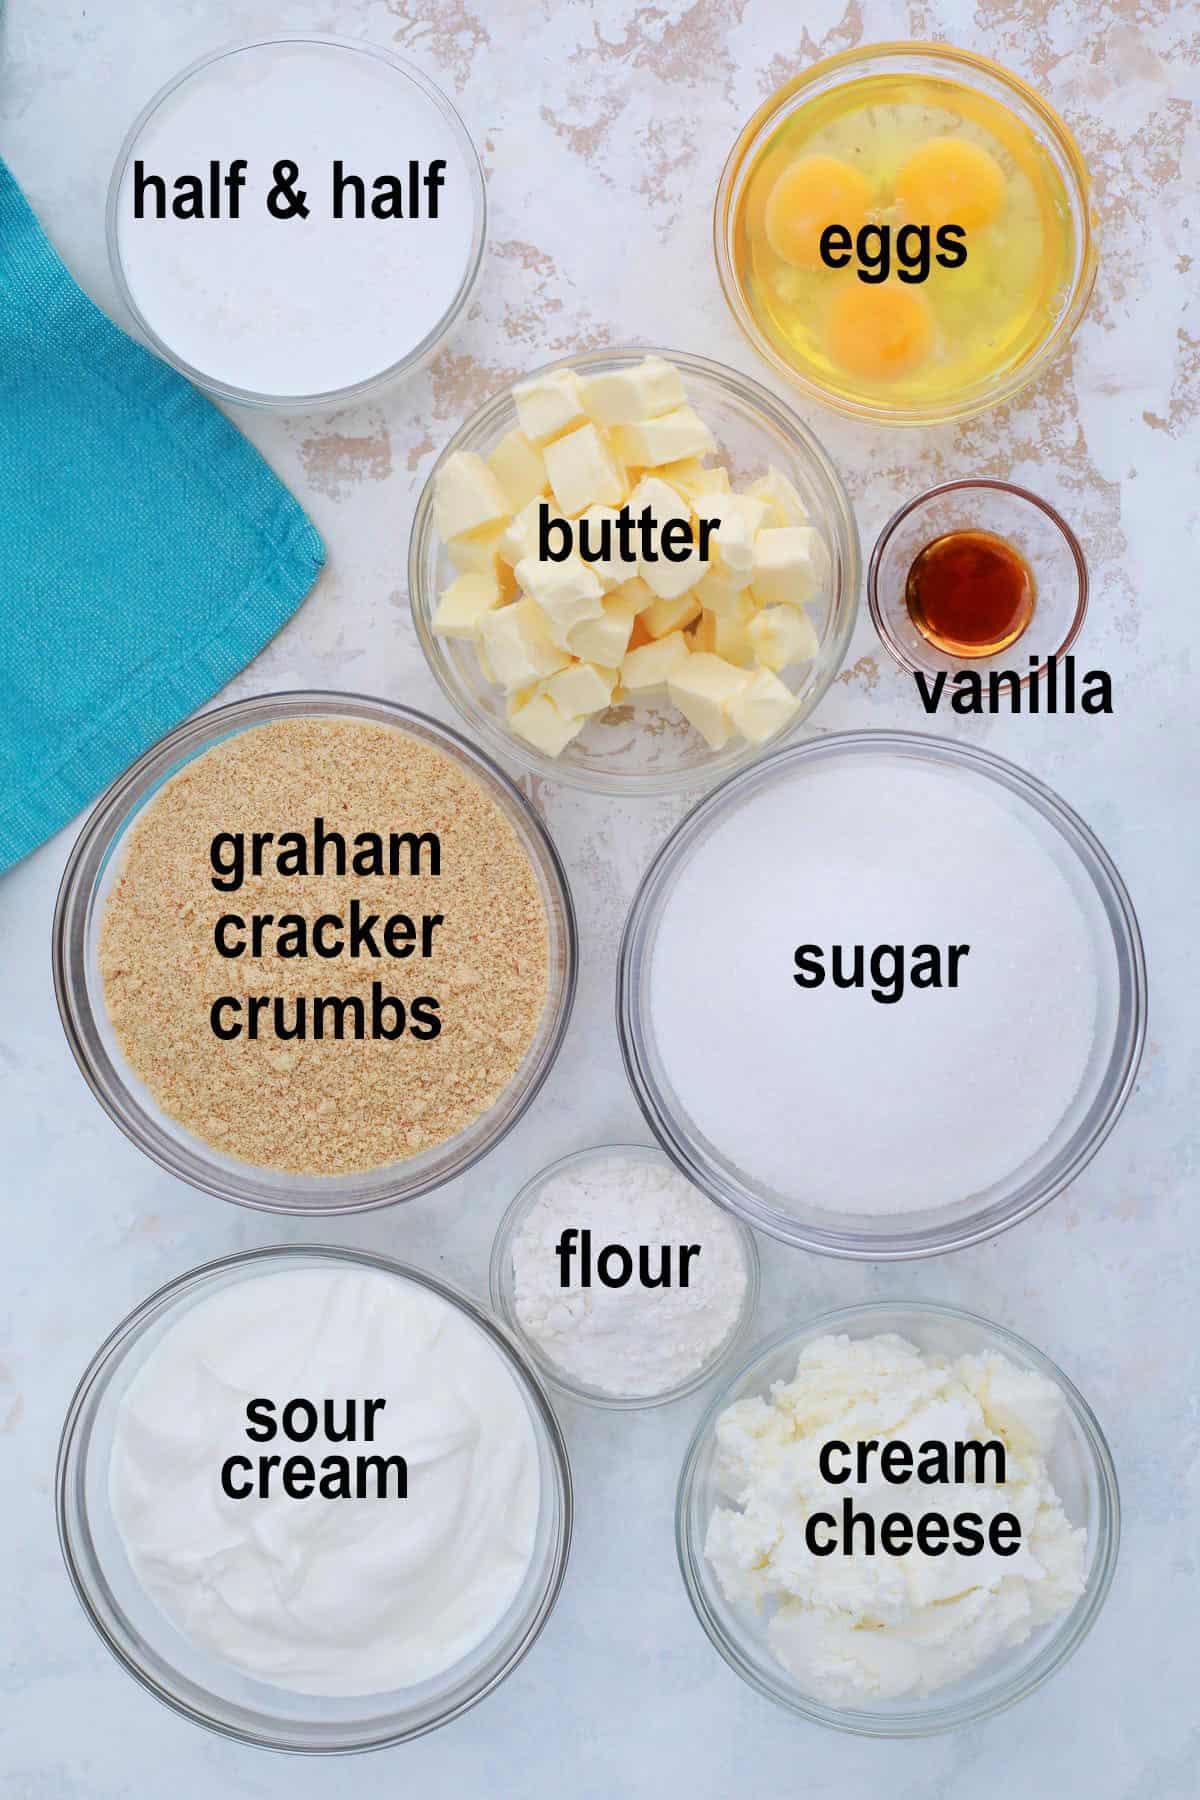 crumbs, sugar, butter, vanilla, flour, cream cheese, sour cream, eggs